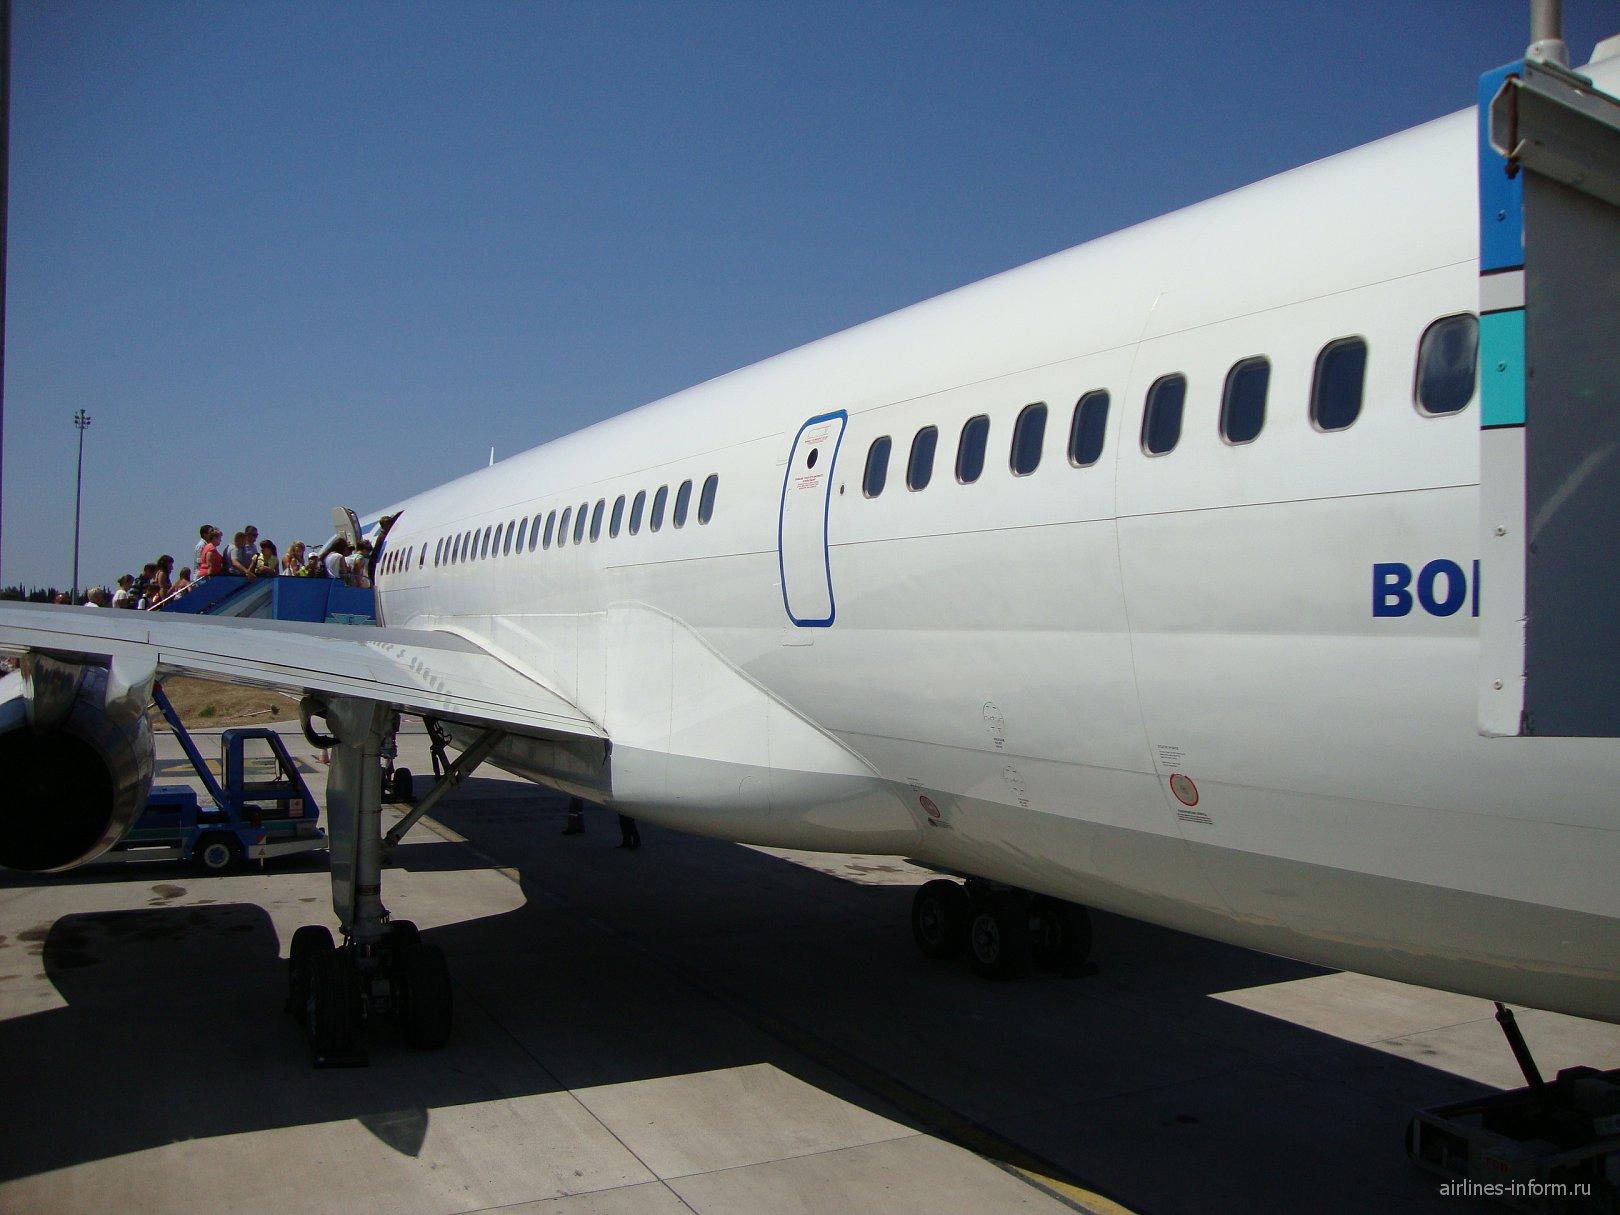 Боинг-757 ЮТэйр